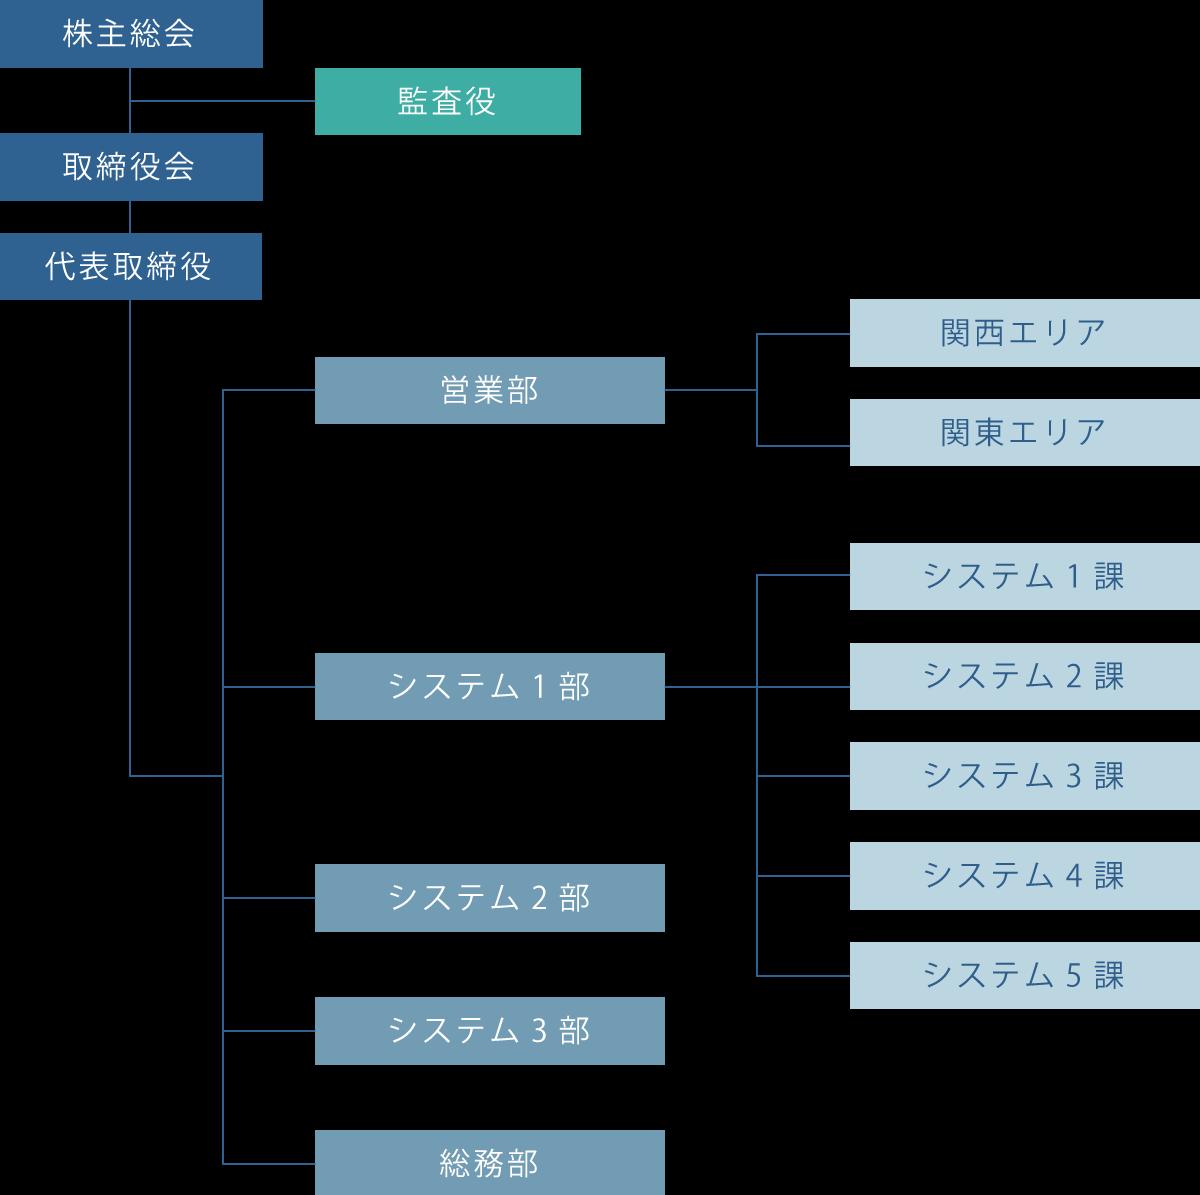 ディアシステム株式会社 34期 組織図